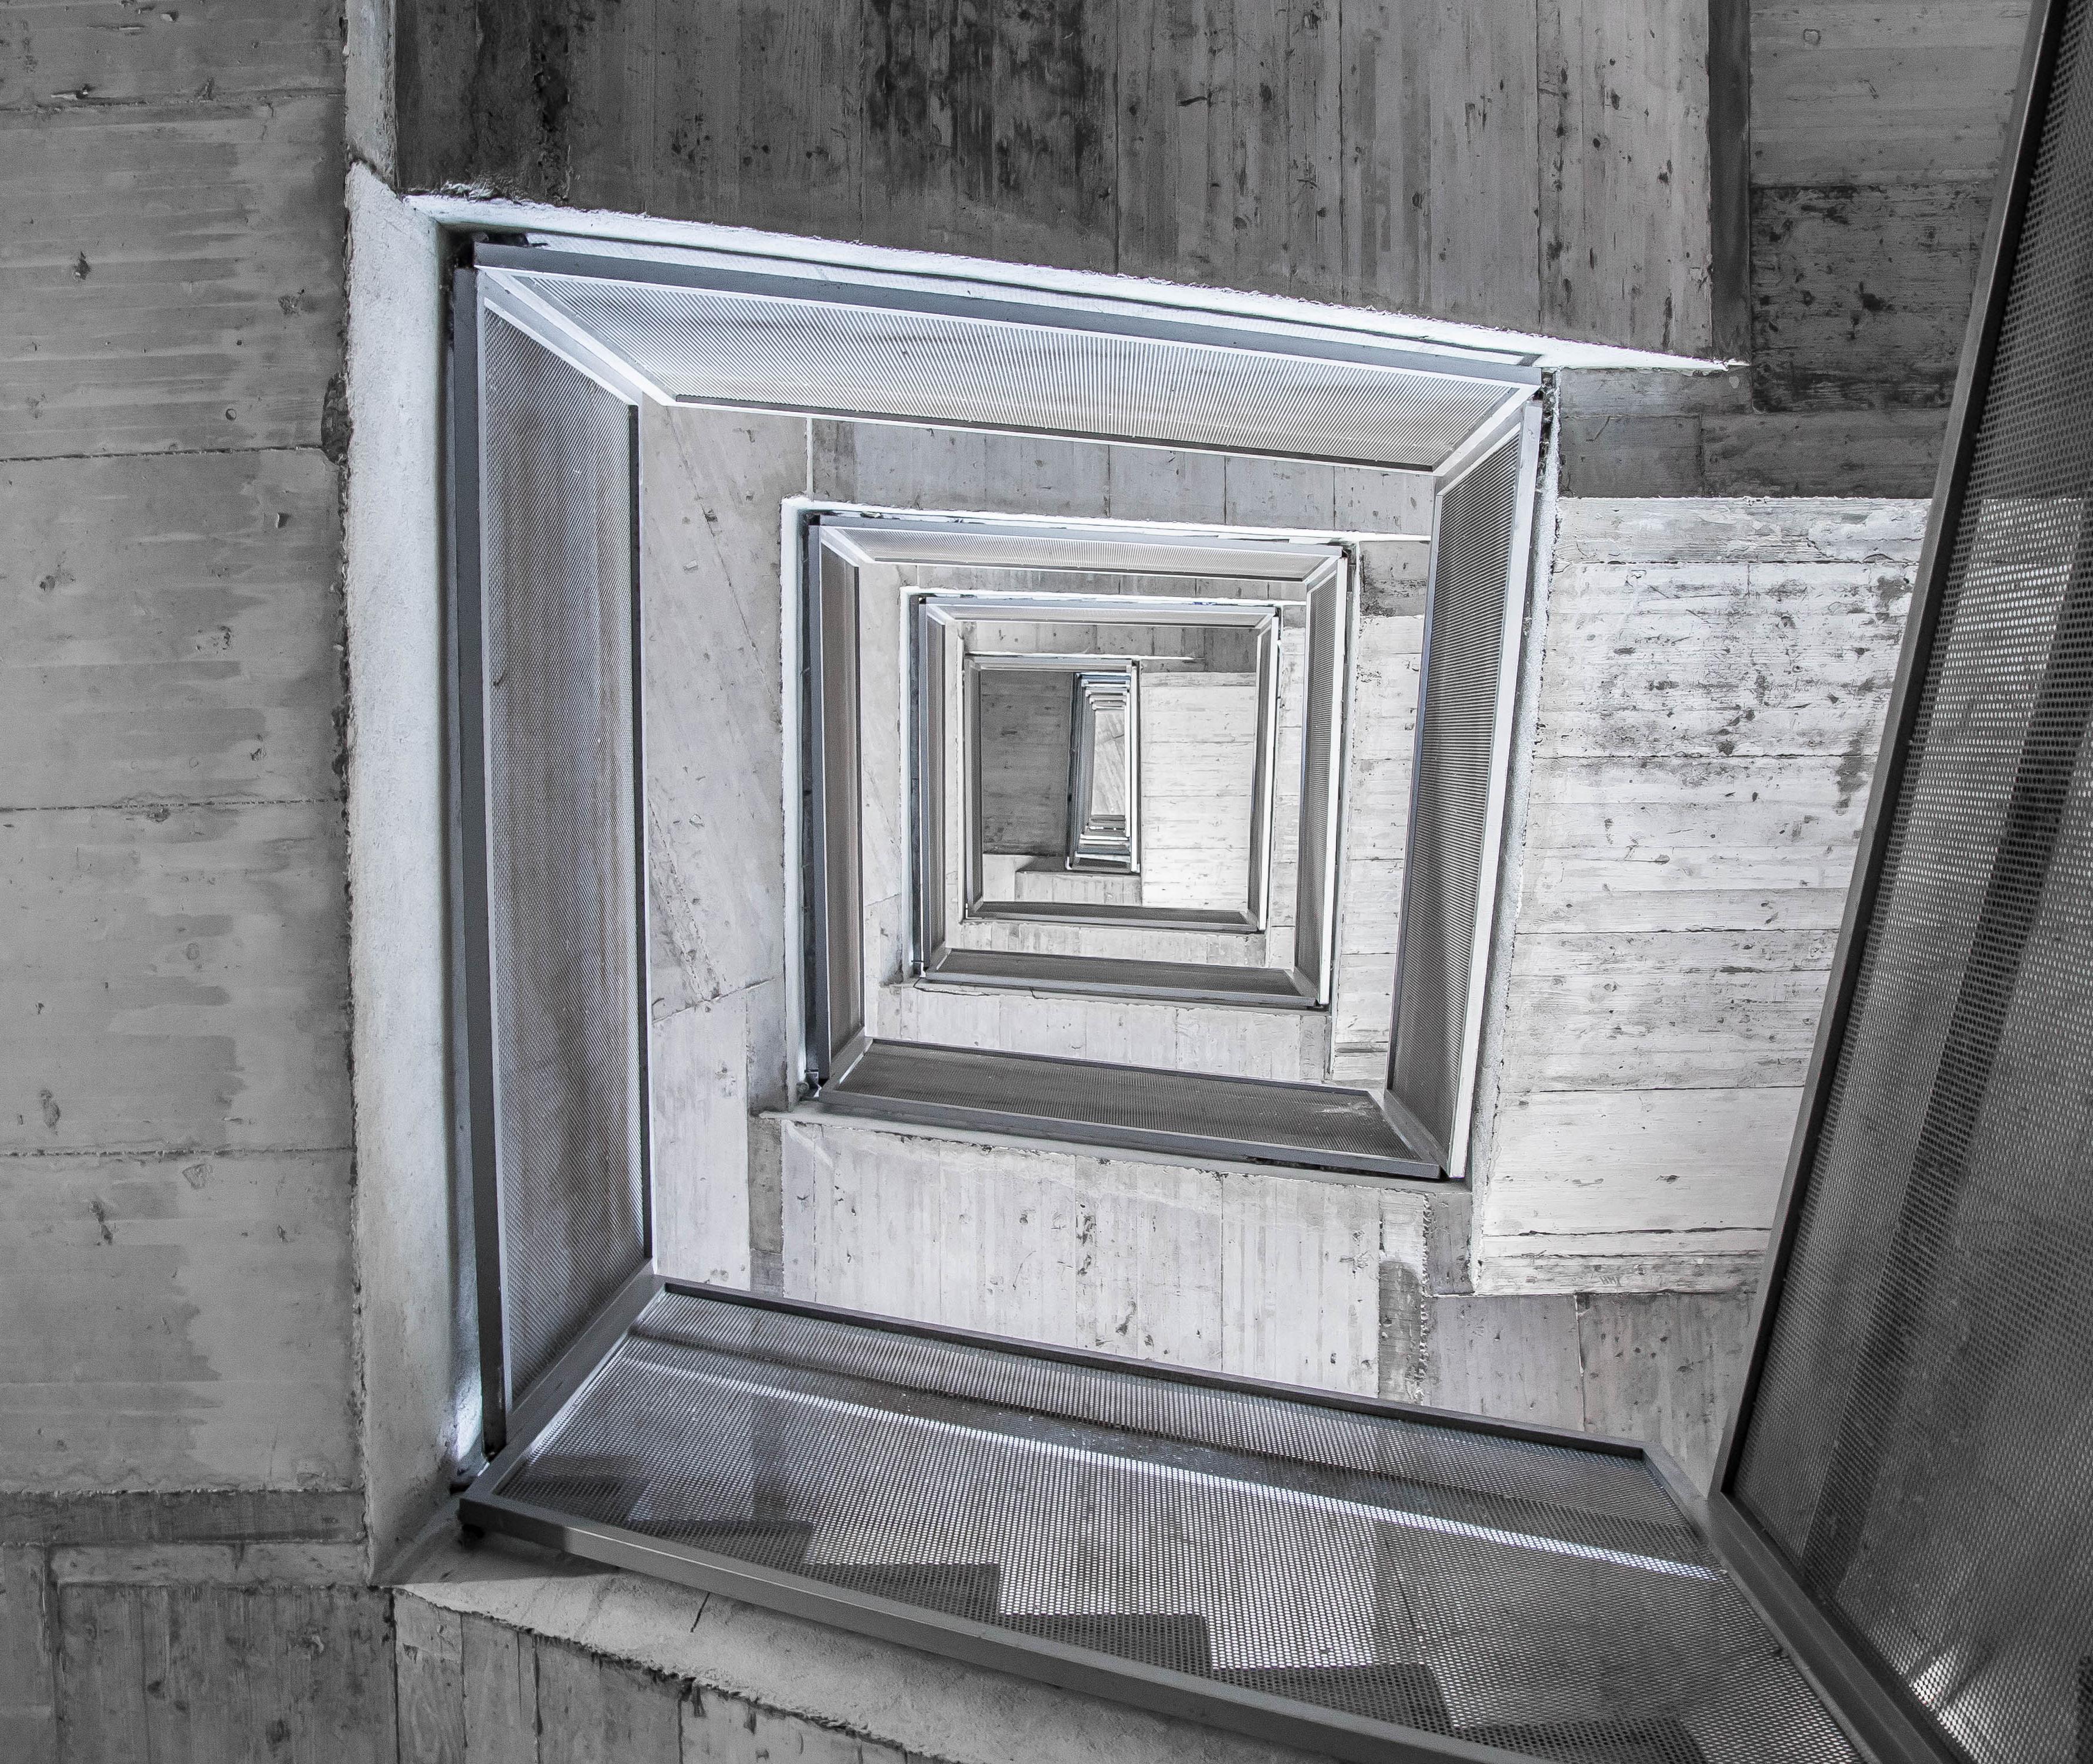 en blanco y negro madera blanco escalera casa ventana casa pared pasos negro escalera monocromo